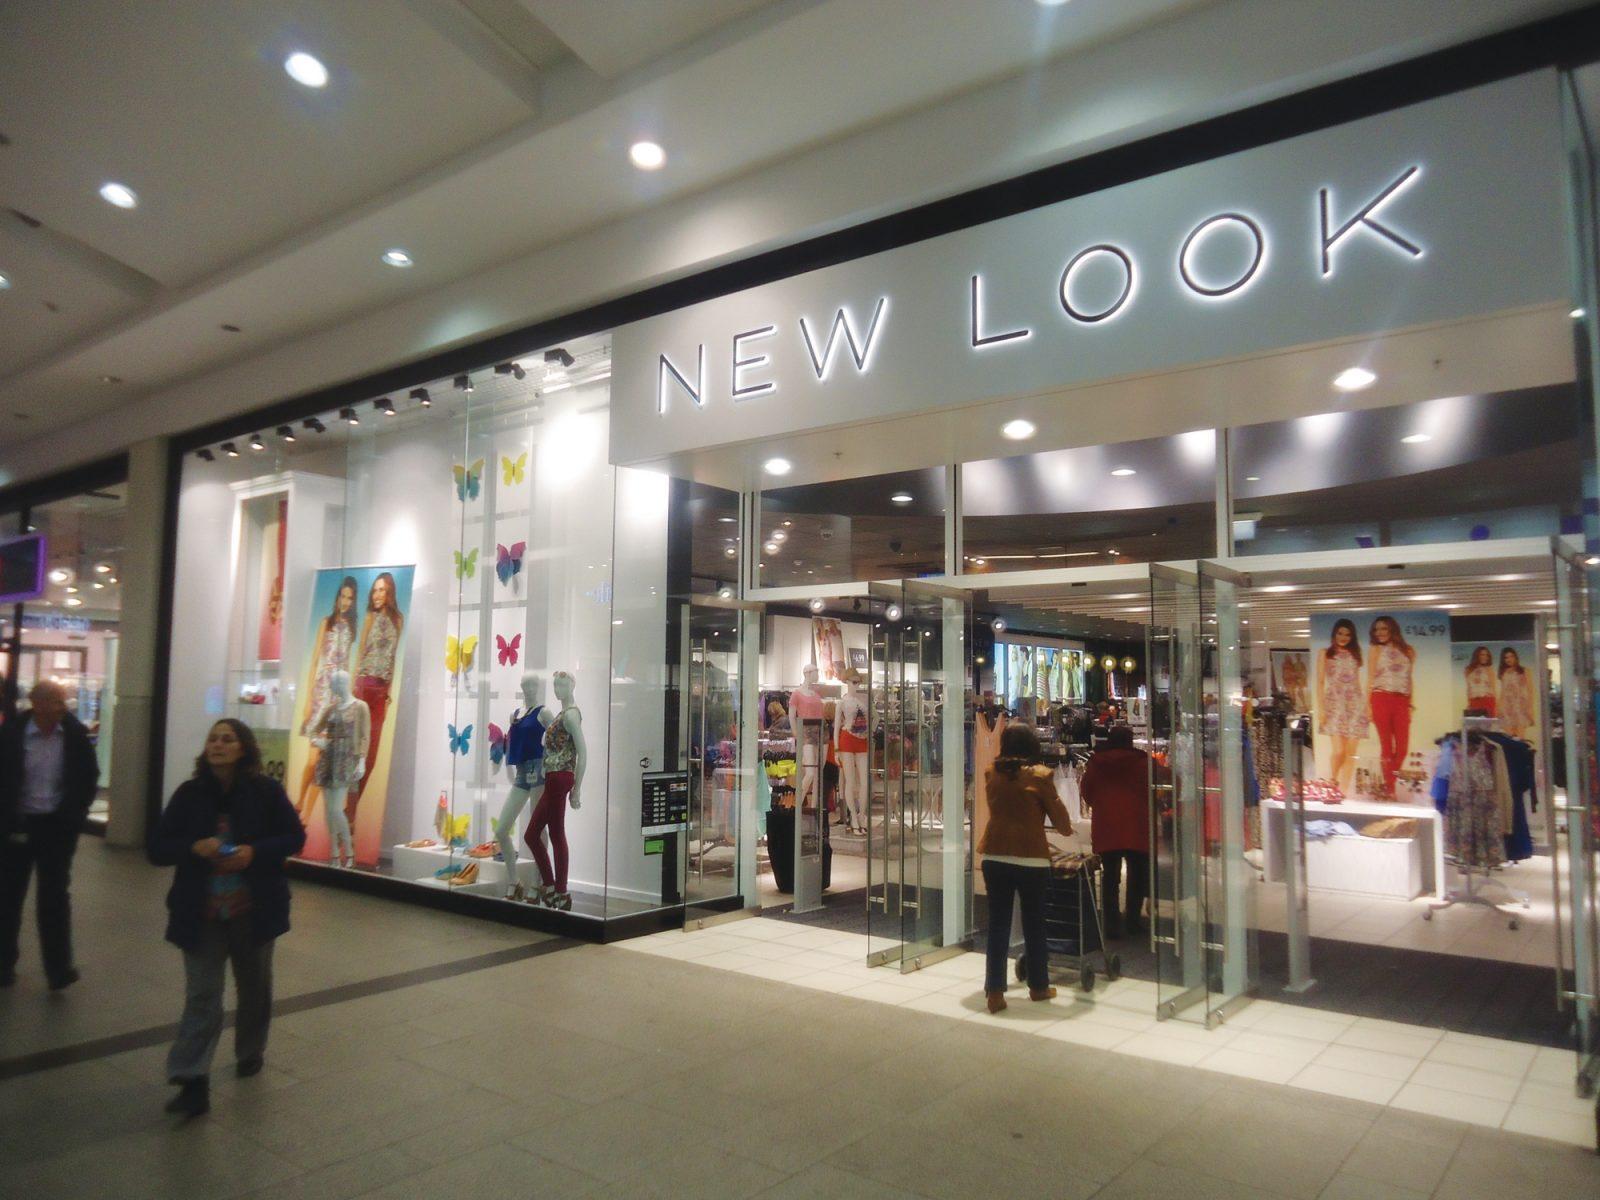 New Look shopfront